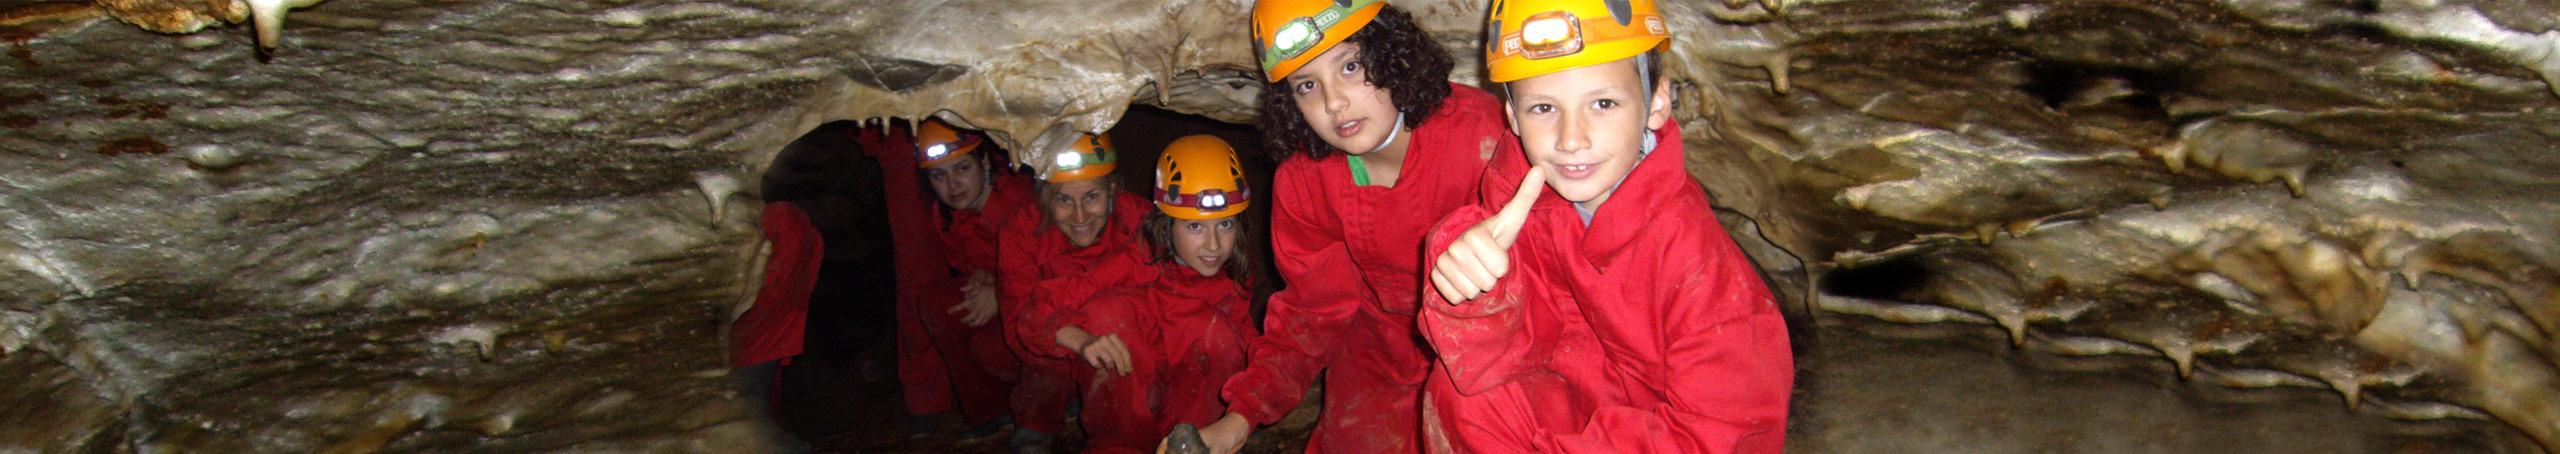 Actividades de aventura y turismo activo en Cuenca